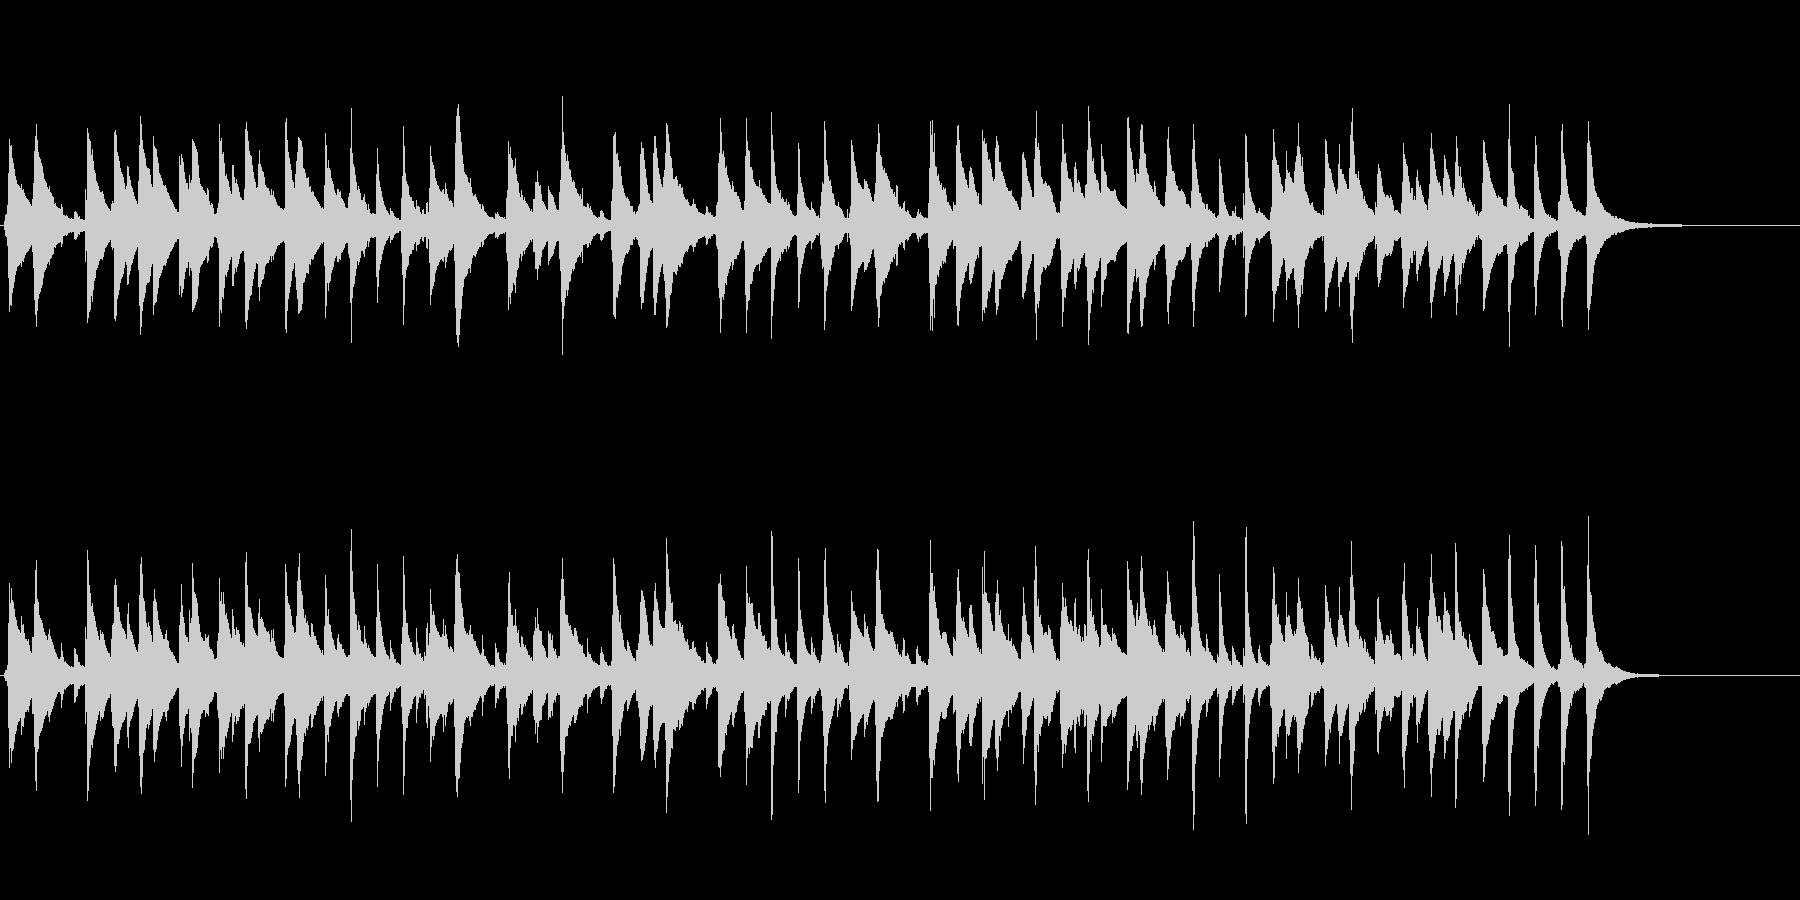 ウクレレとマリンバ使用子供向けの可愛い曲の未再生の波形